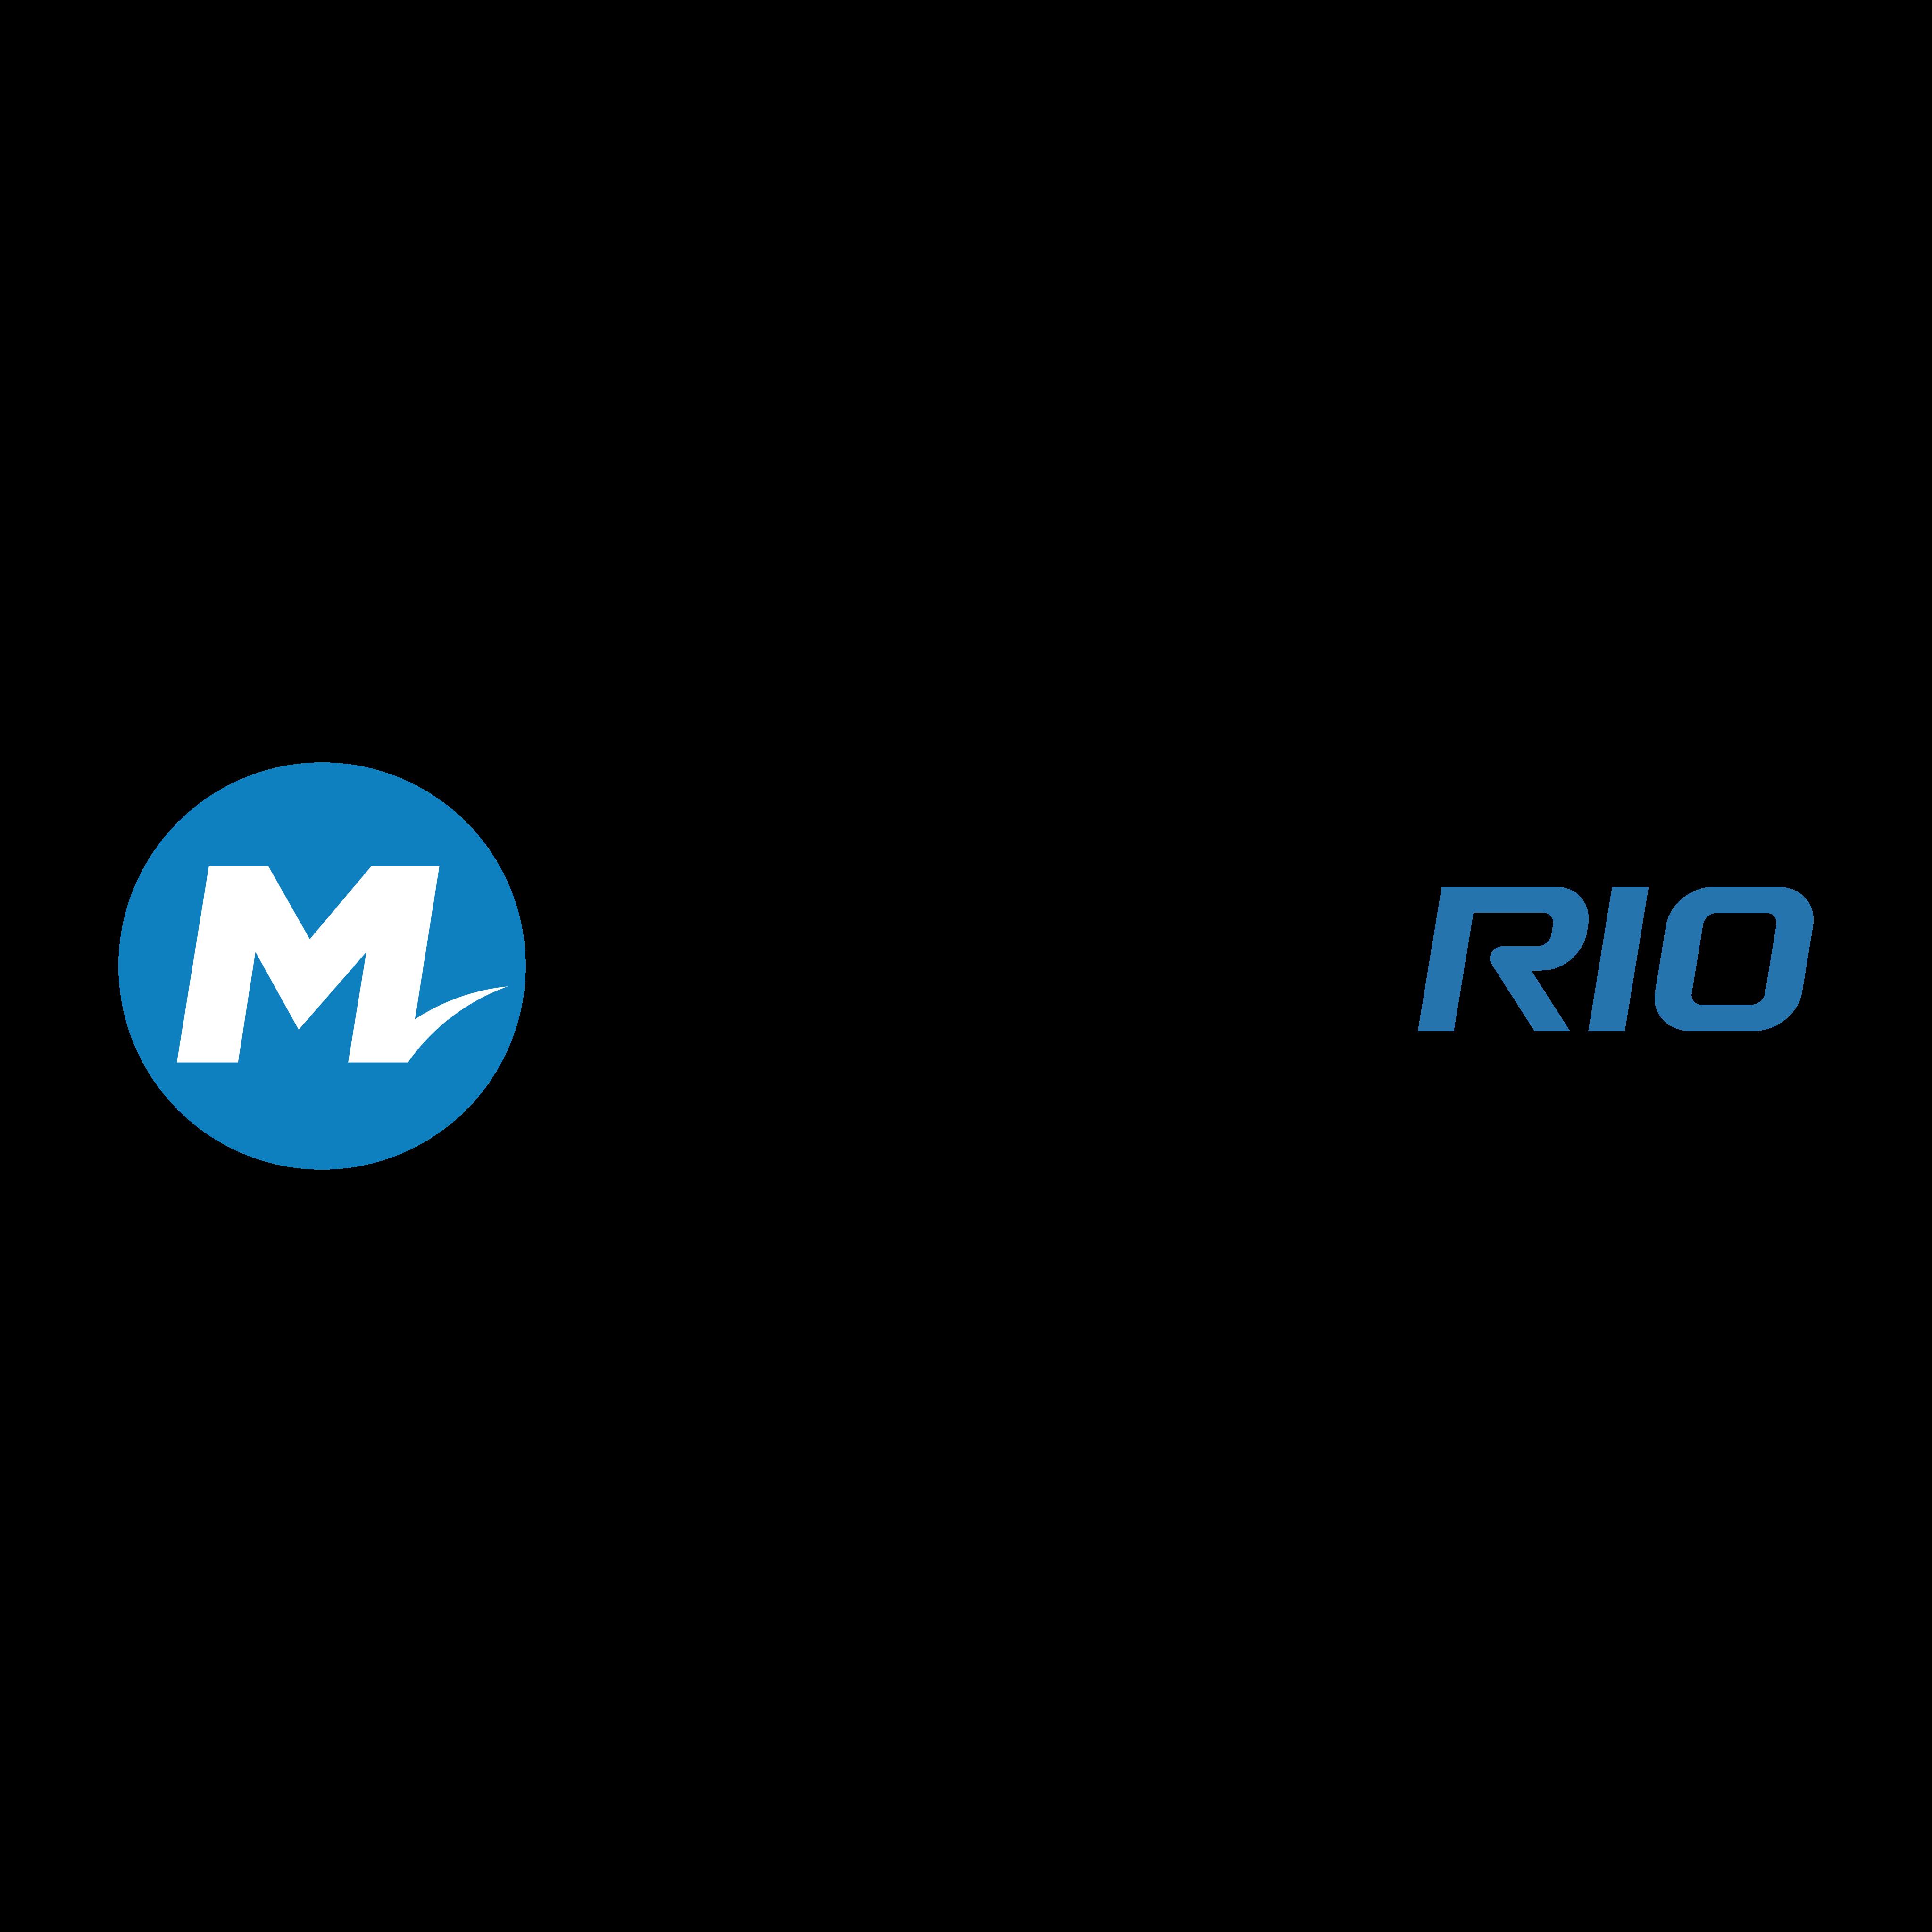 MetrôRio Logo PNG.